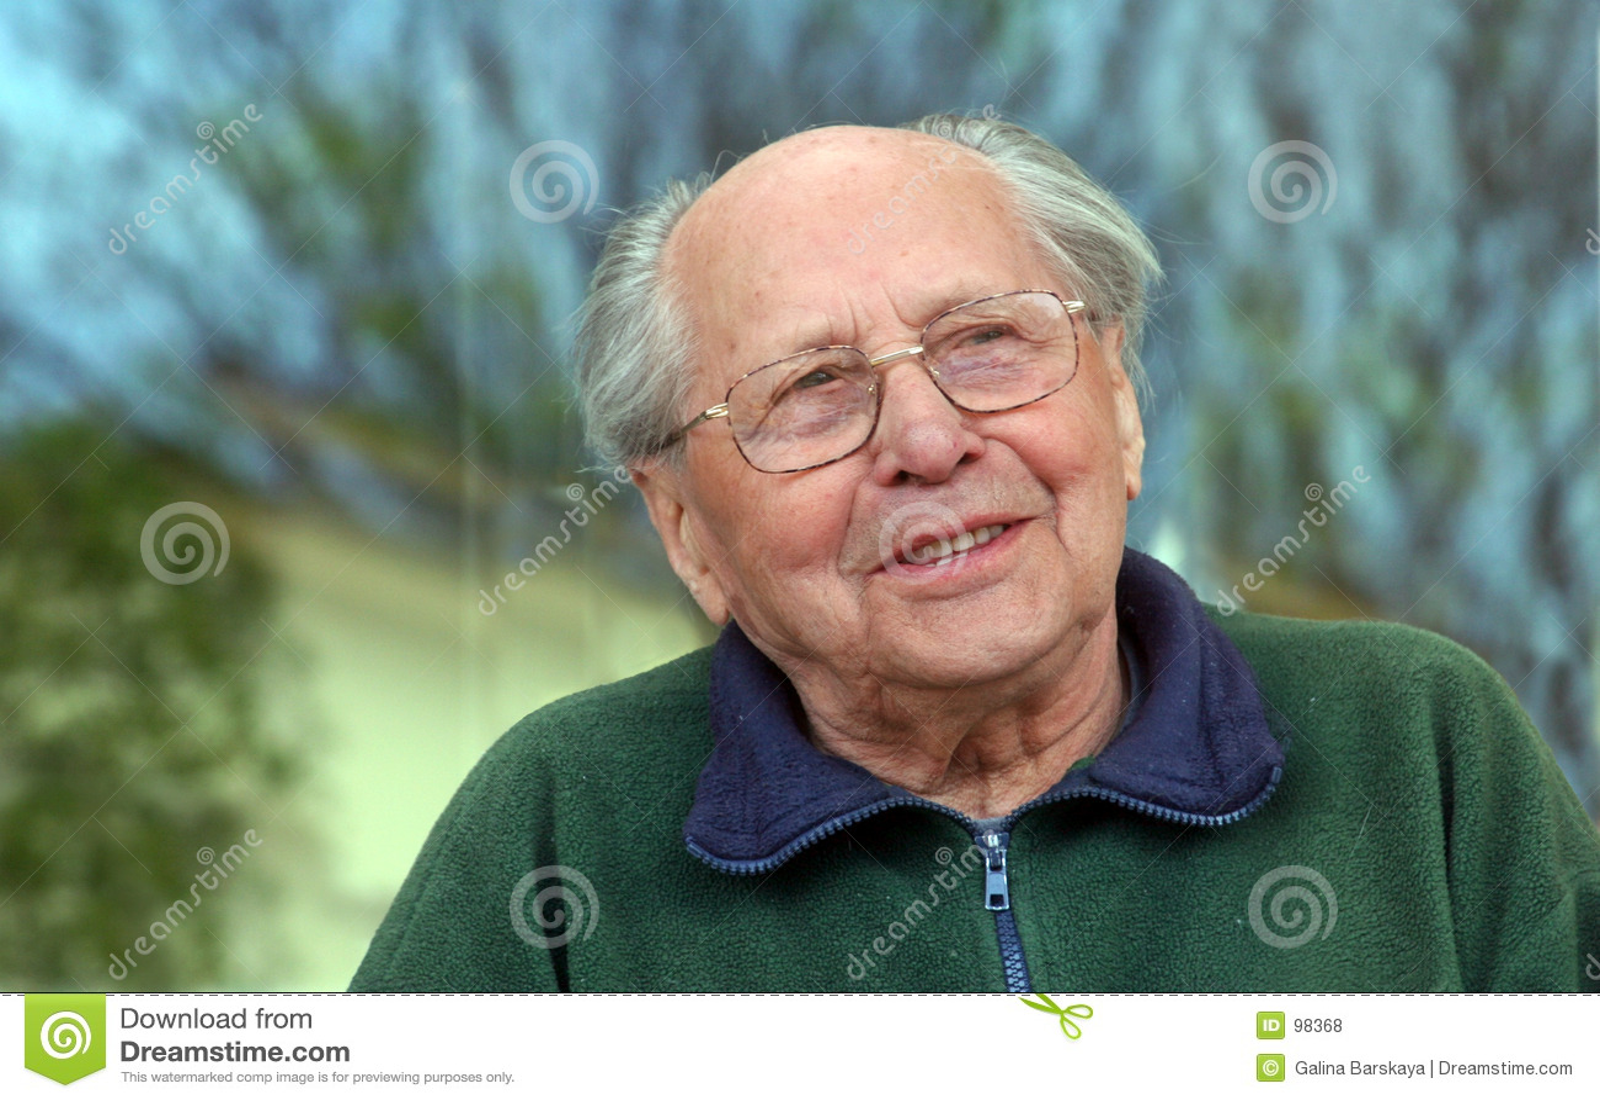 Stary człowiek z